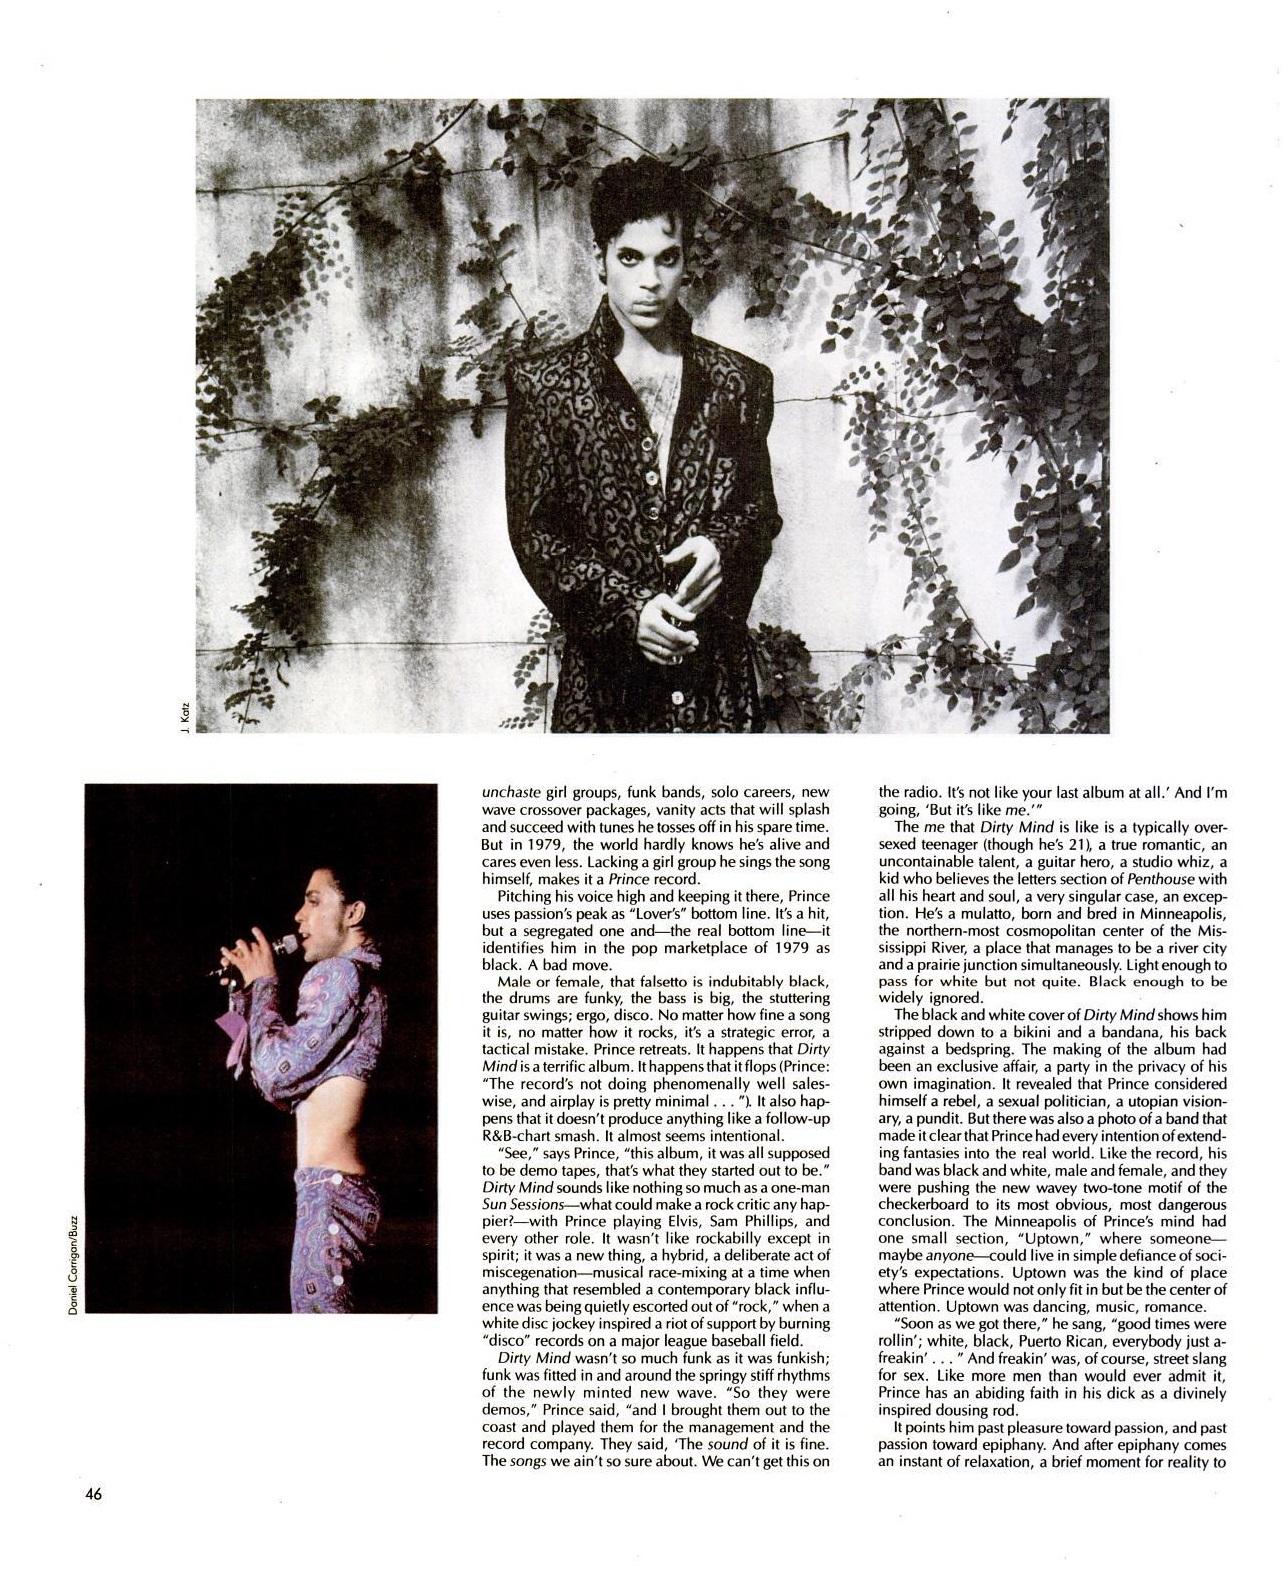 prince%2Bspin%2Bmagazine%2B1986%2B4.jpg